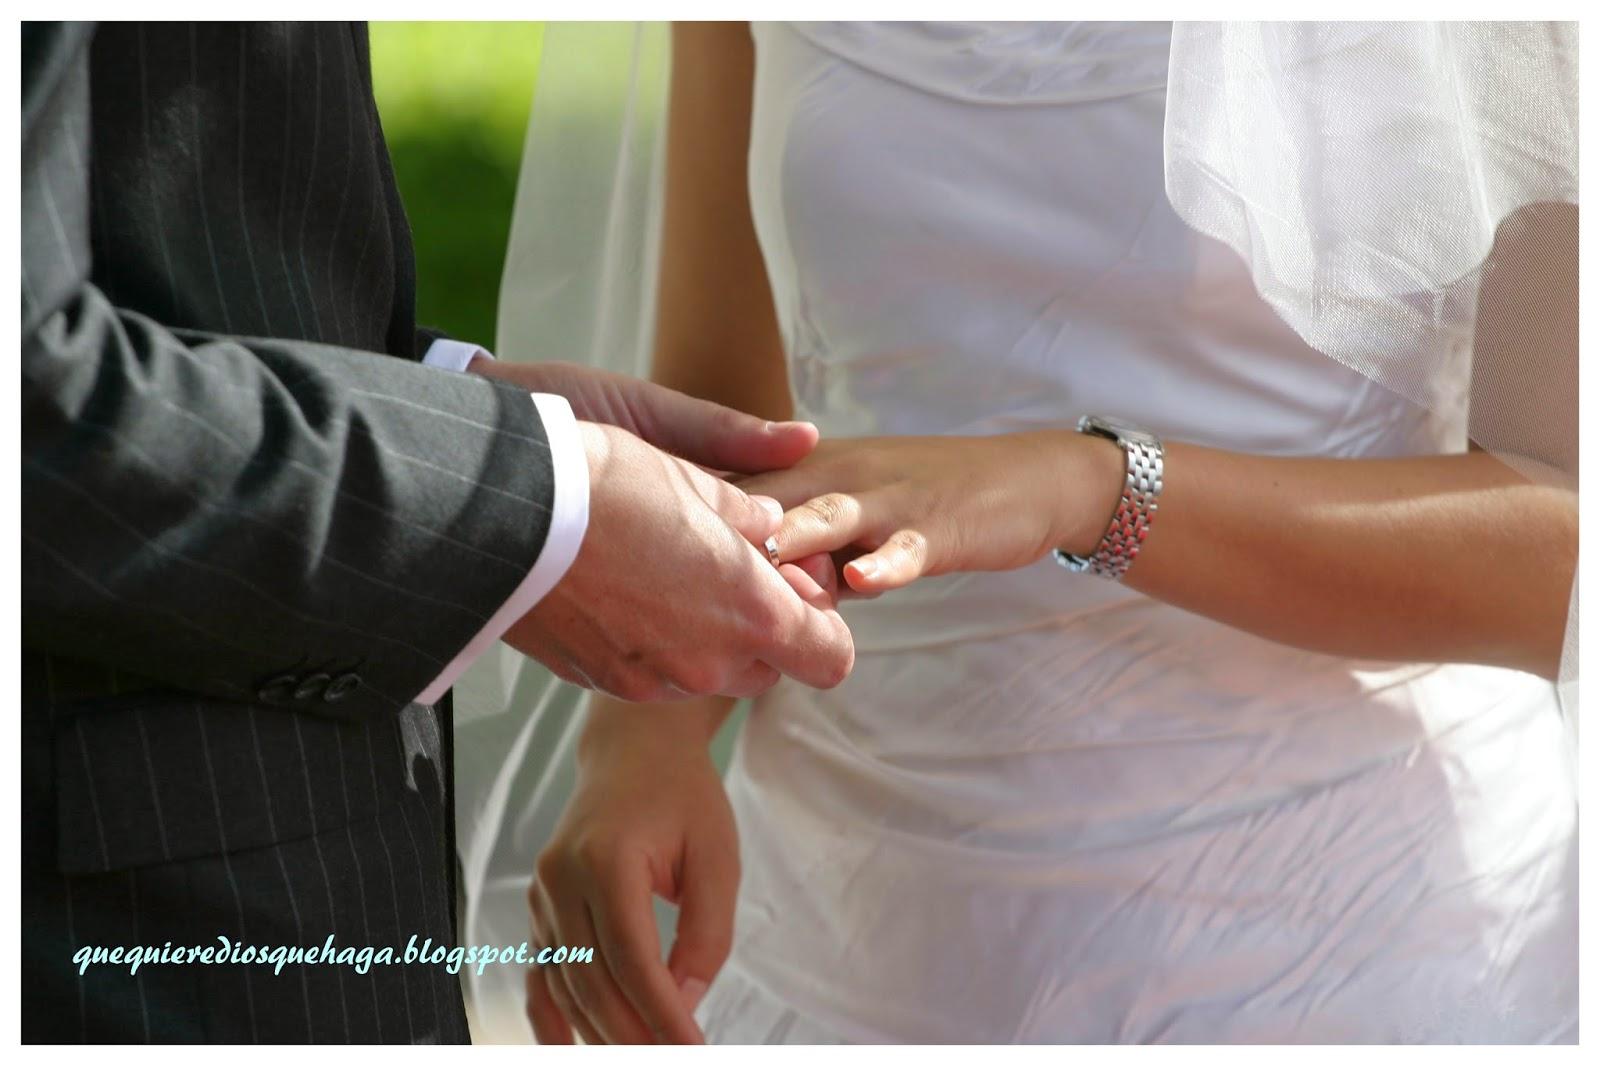 como podemos vivir en matrimonio segun su palabra